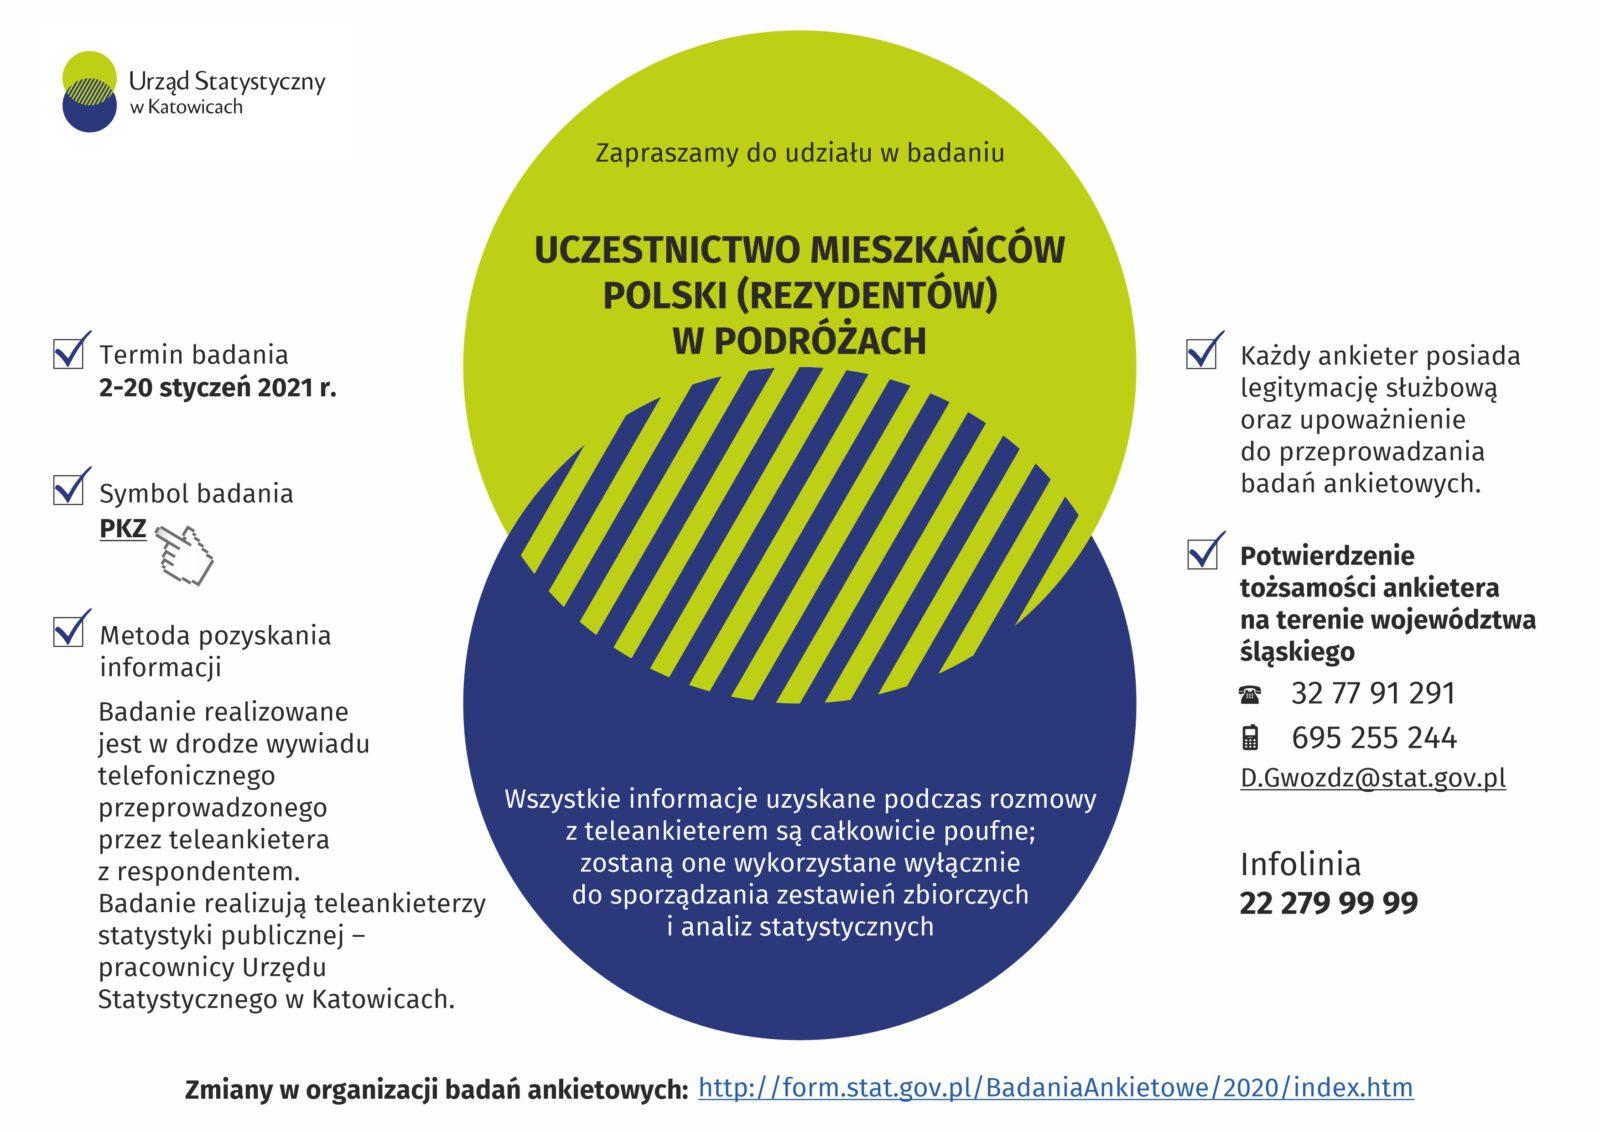 Uczestnictwo mieszkańców Polski w podróżach - infografika